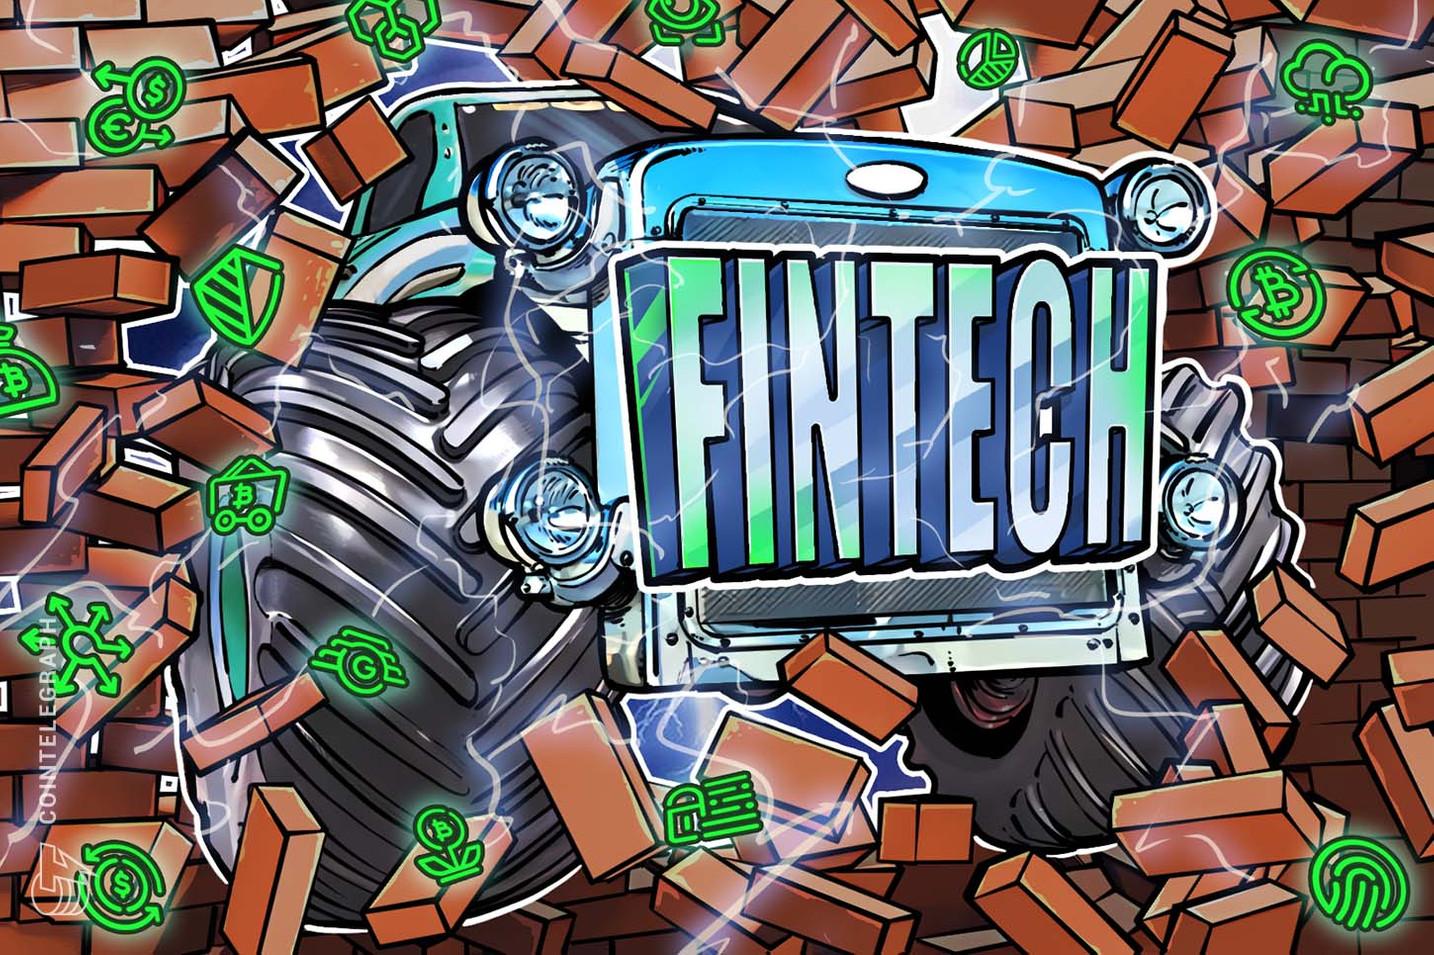 Stock Exchange Deutsche Börse to Spend $315 mln on New Tech, Including Blockchain